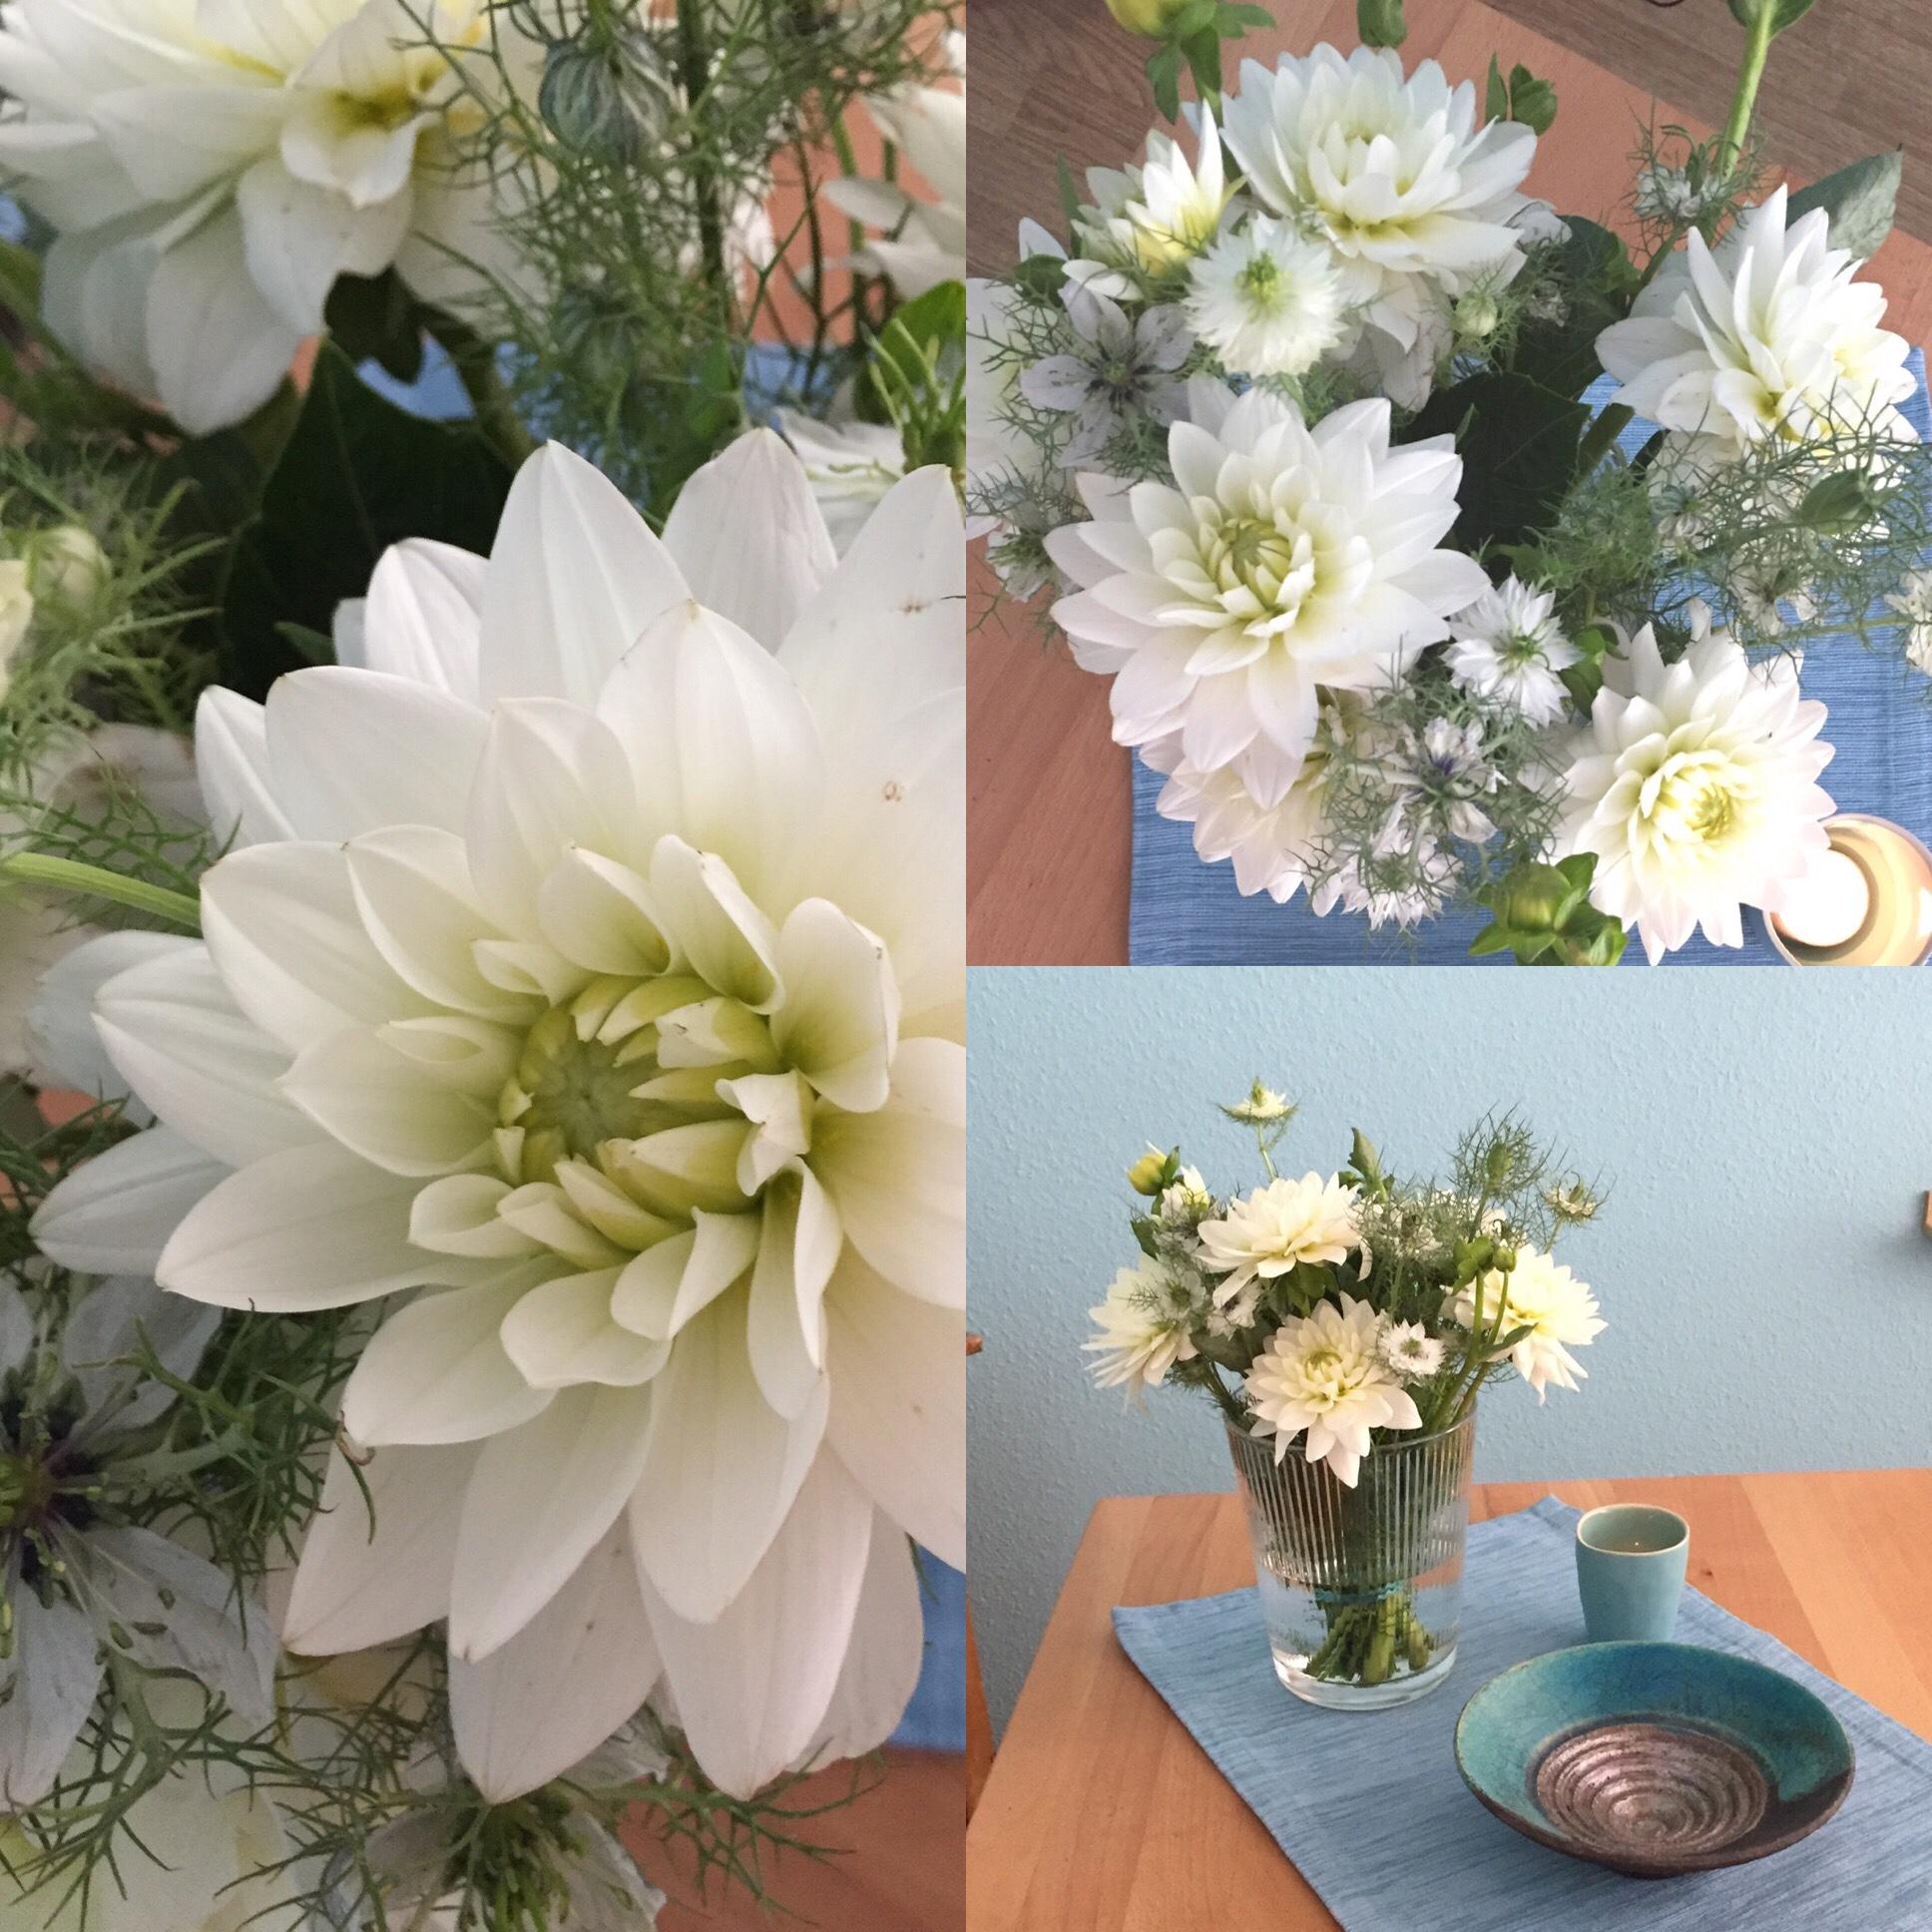 Friday-Flowerday – oder – Kompakt und zart: Dahlien und Jungfer im Grünen